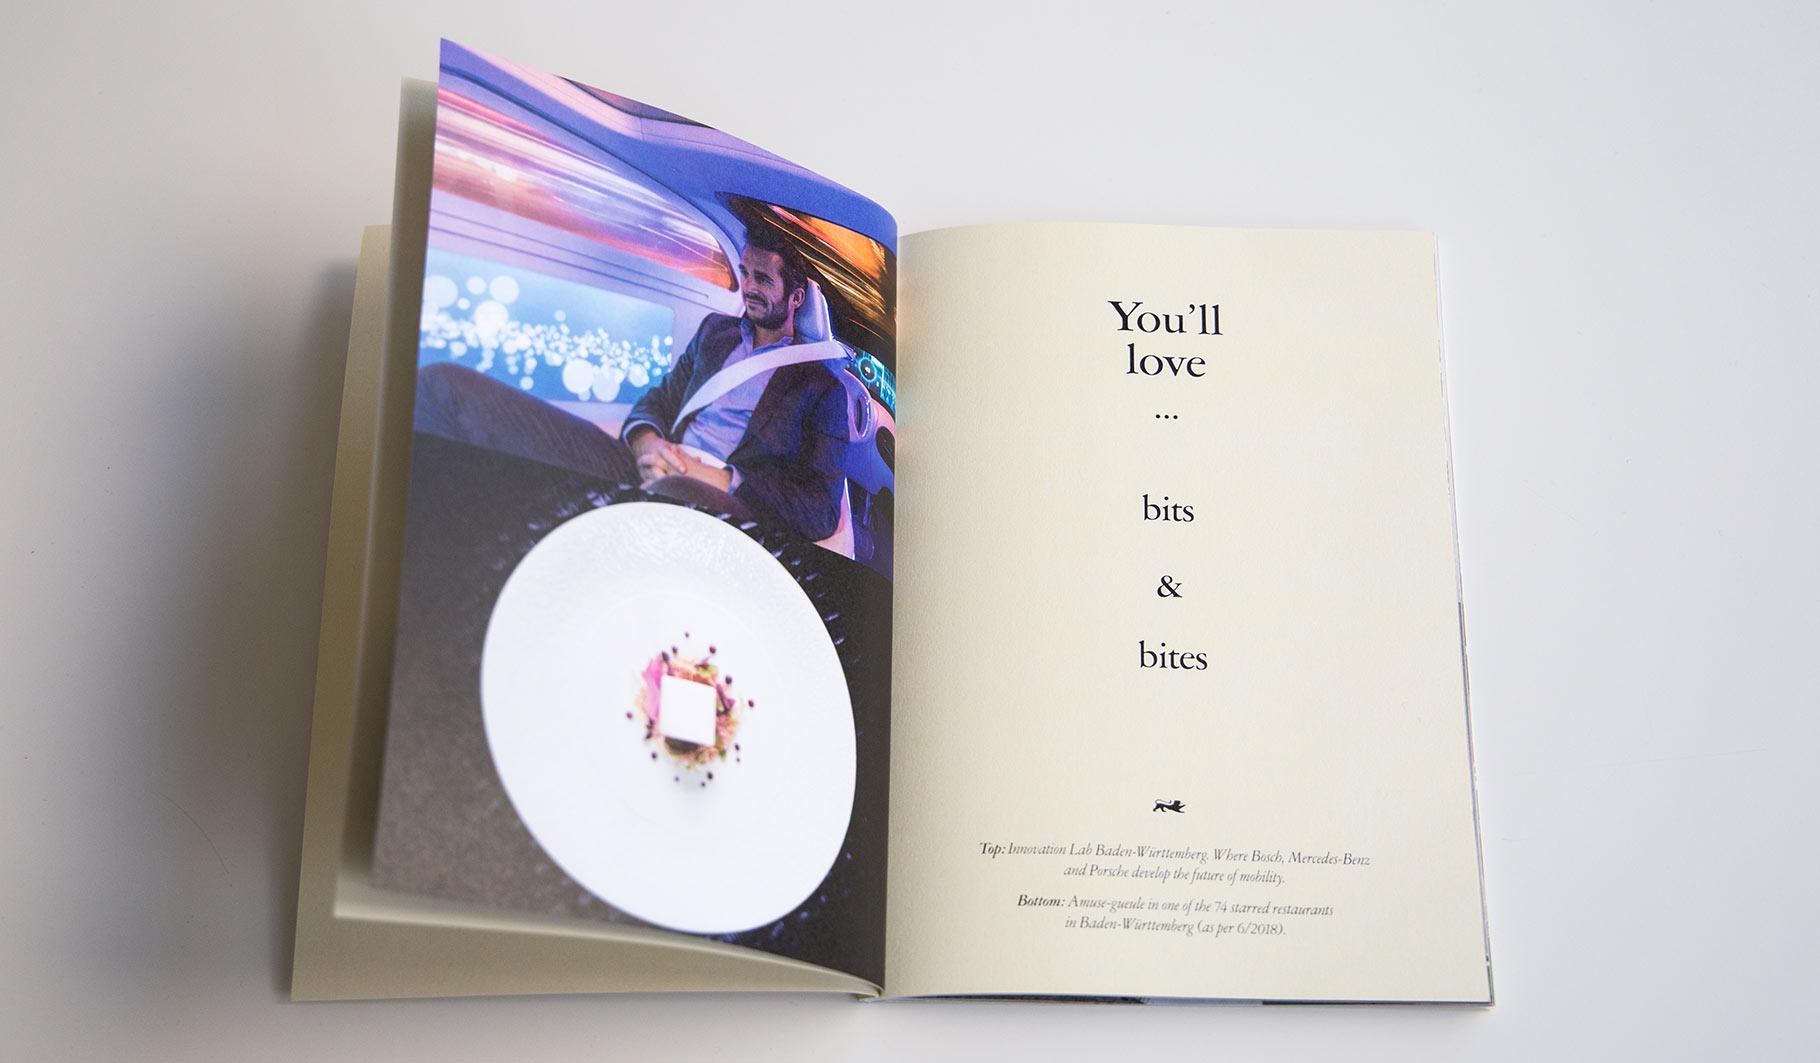 Aufgeschlagene Broschüre. Auf einer Seite das Bild eines Mannes im Innovation Lab Baden-Württemberg. Darunter das Bild eines Desserts von Amuse-gueule. Auf der anderen Seite die Headline 'You'll love ... bits & bites'.